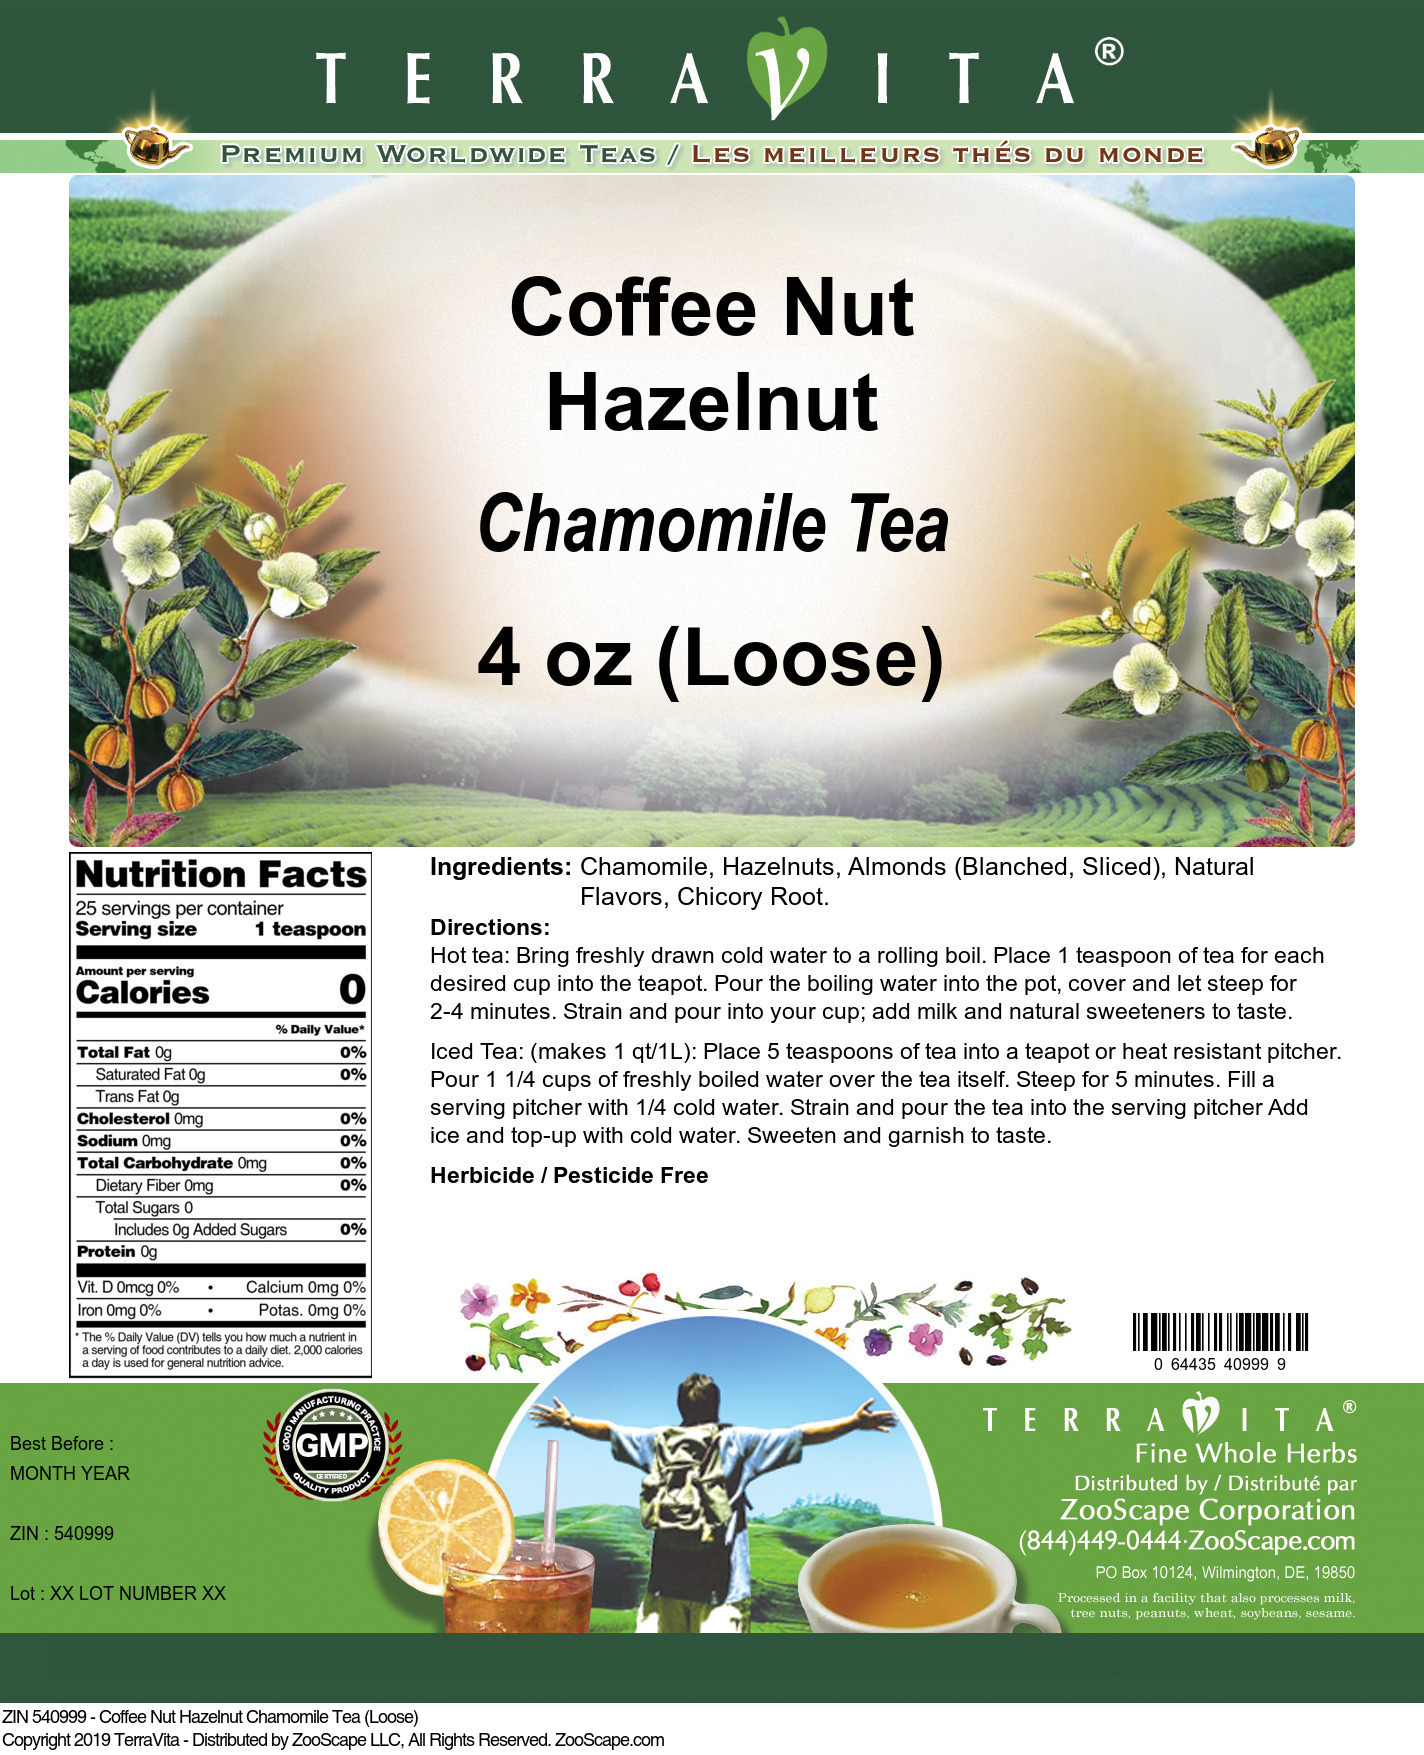 Coffee Nut Hazelnut Chamomile Tea (Loose)